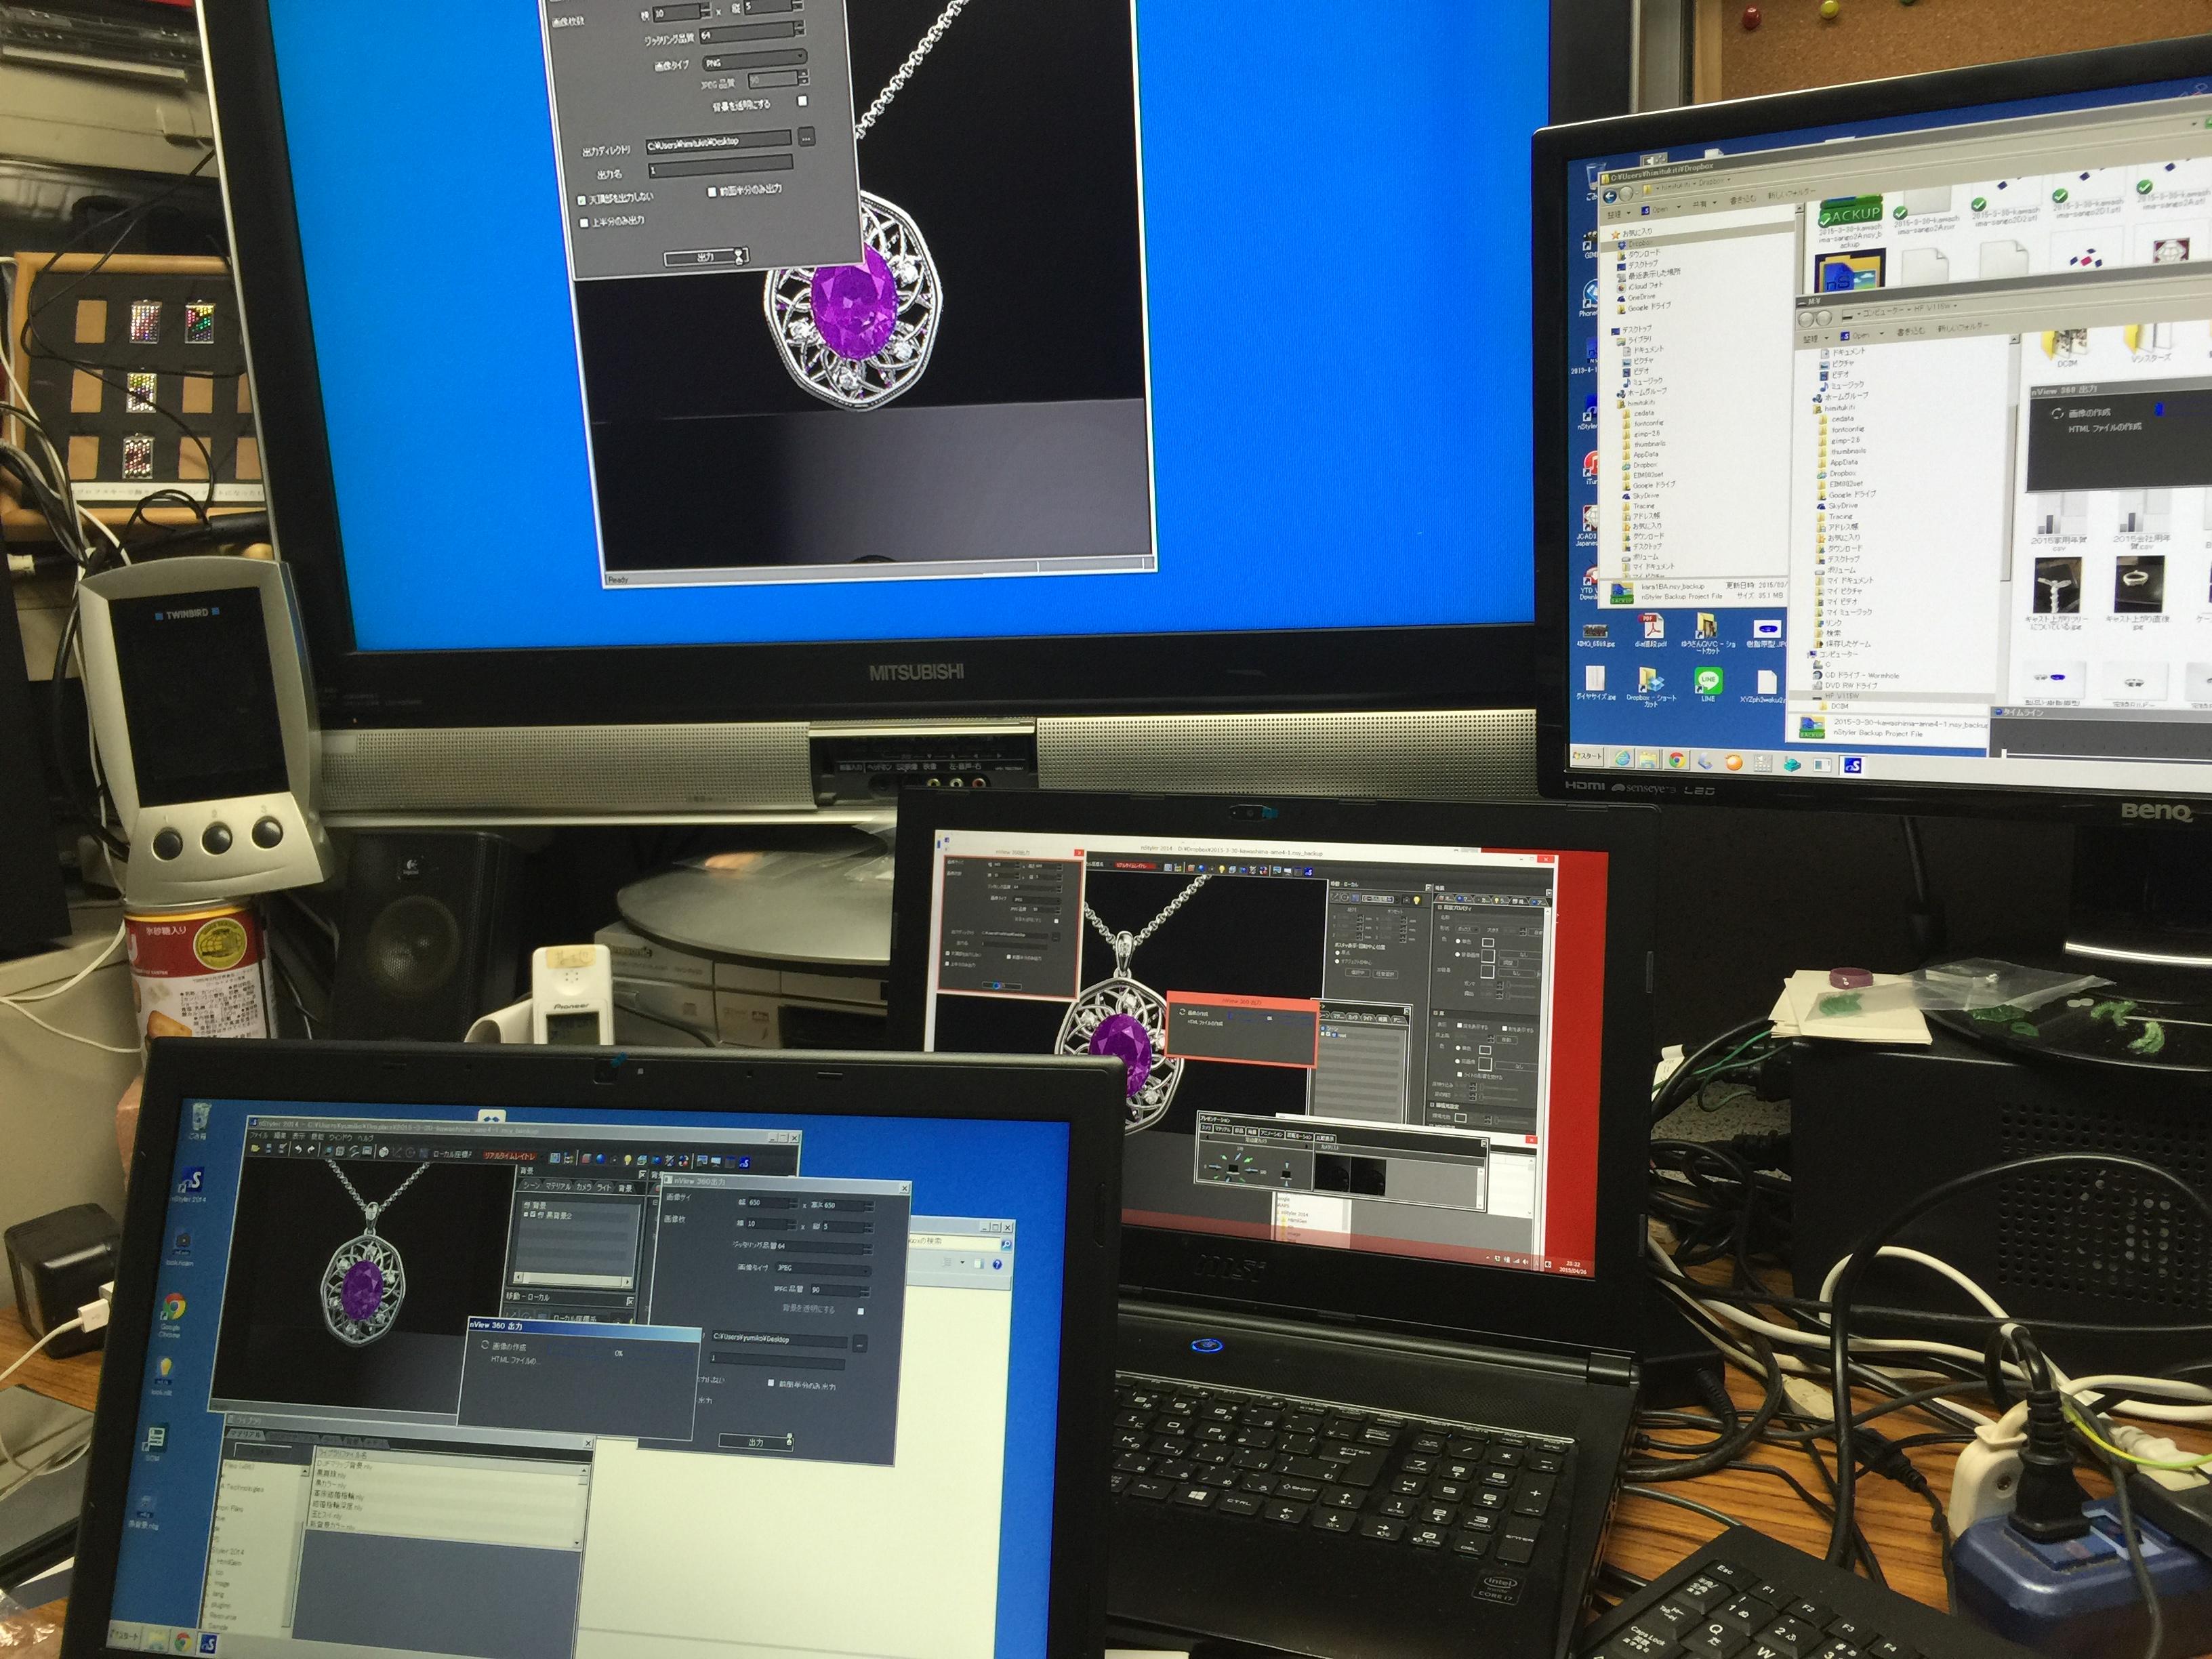 コンピュータが得意でなくても ジュエリーデザインしたい意欲があれば大丈夫。 講師の僕がめちゃくちゃ得意なので!